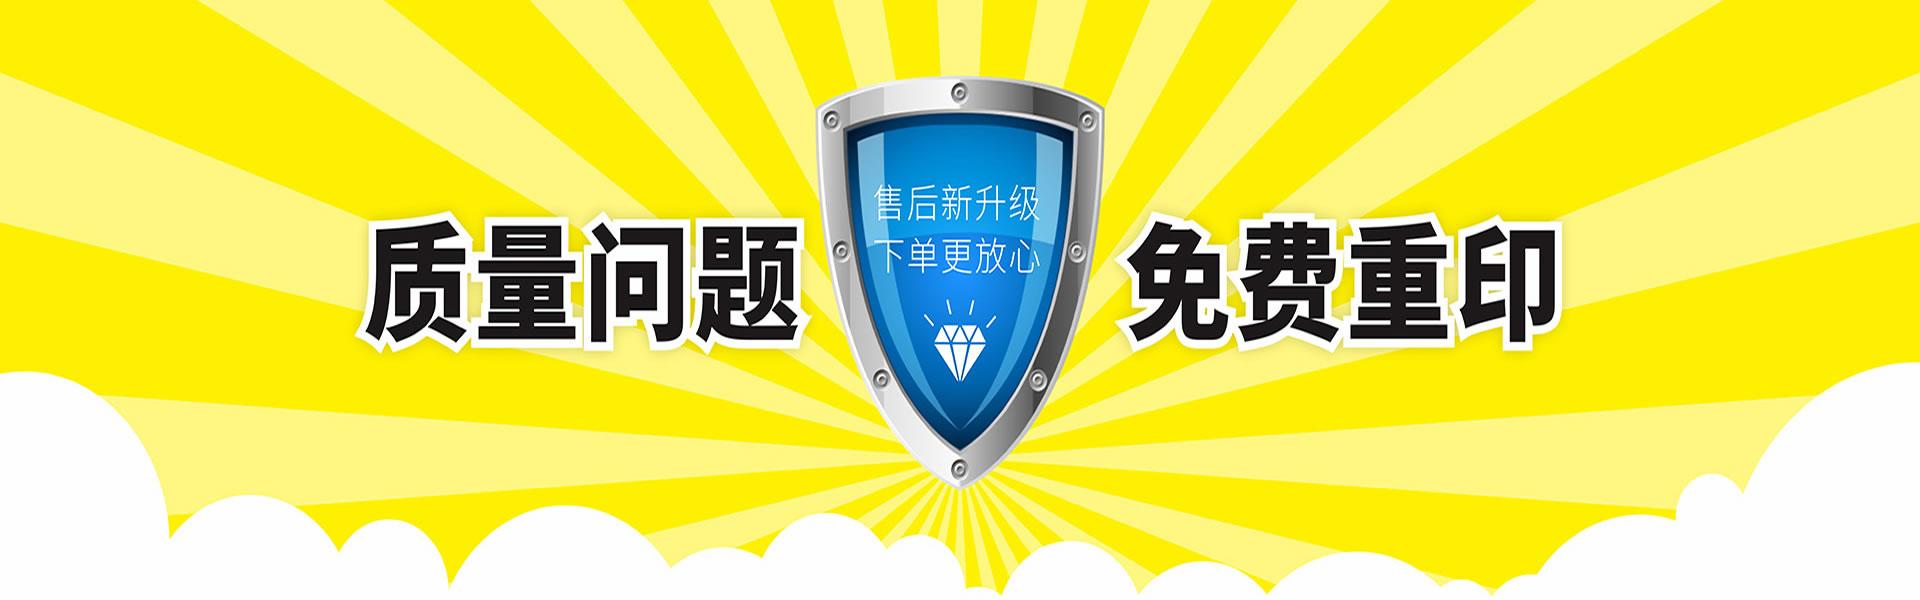 北京快乐8网站-首页_WelcomelToD_不干胶标签生产厂家